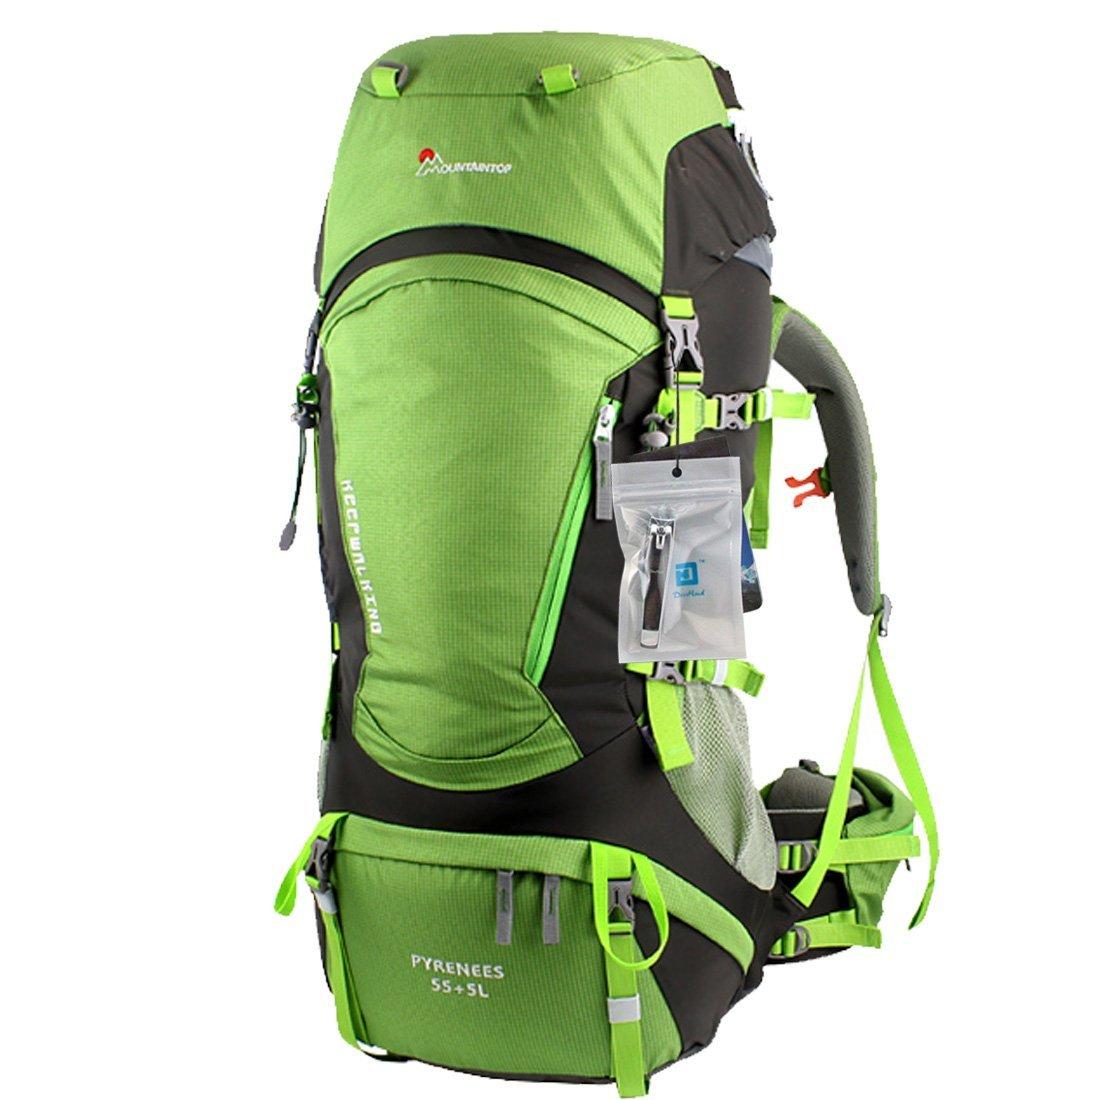 4641c1c273 ... Internal Frame Backpacks Daypacks Waterproof Ripstop Mountaineering Bag  M5822 Shoulder Bags 60L Unisex Large-capacity Trekking Travel Bag Rucksack